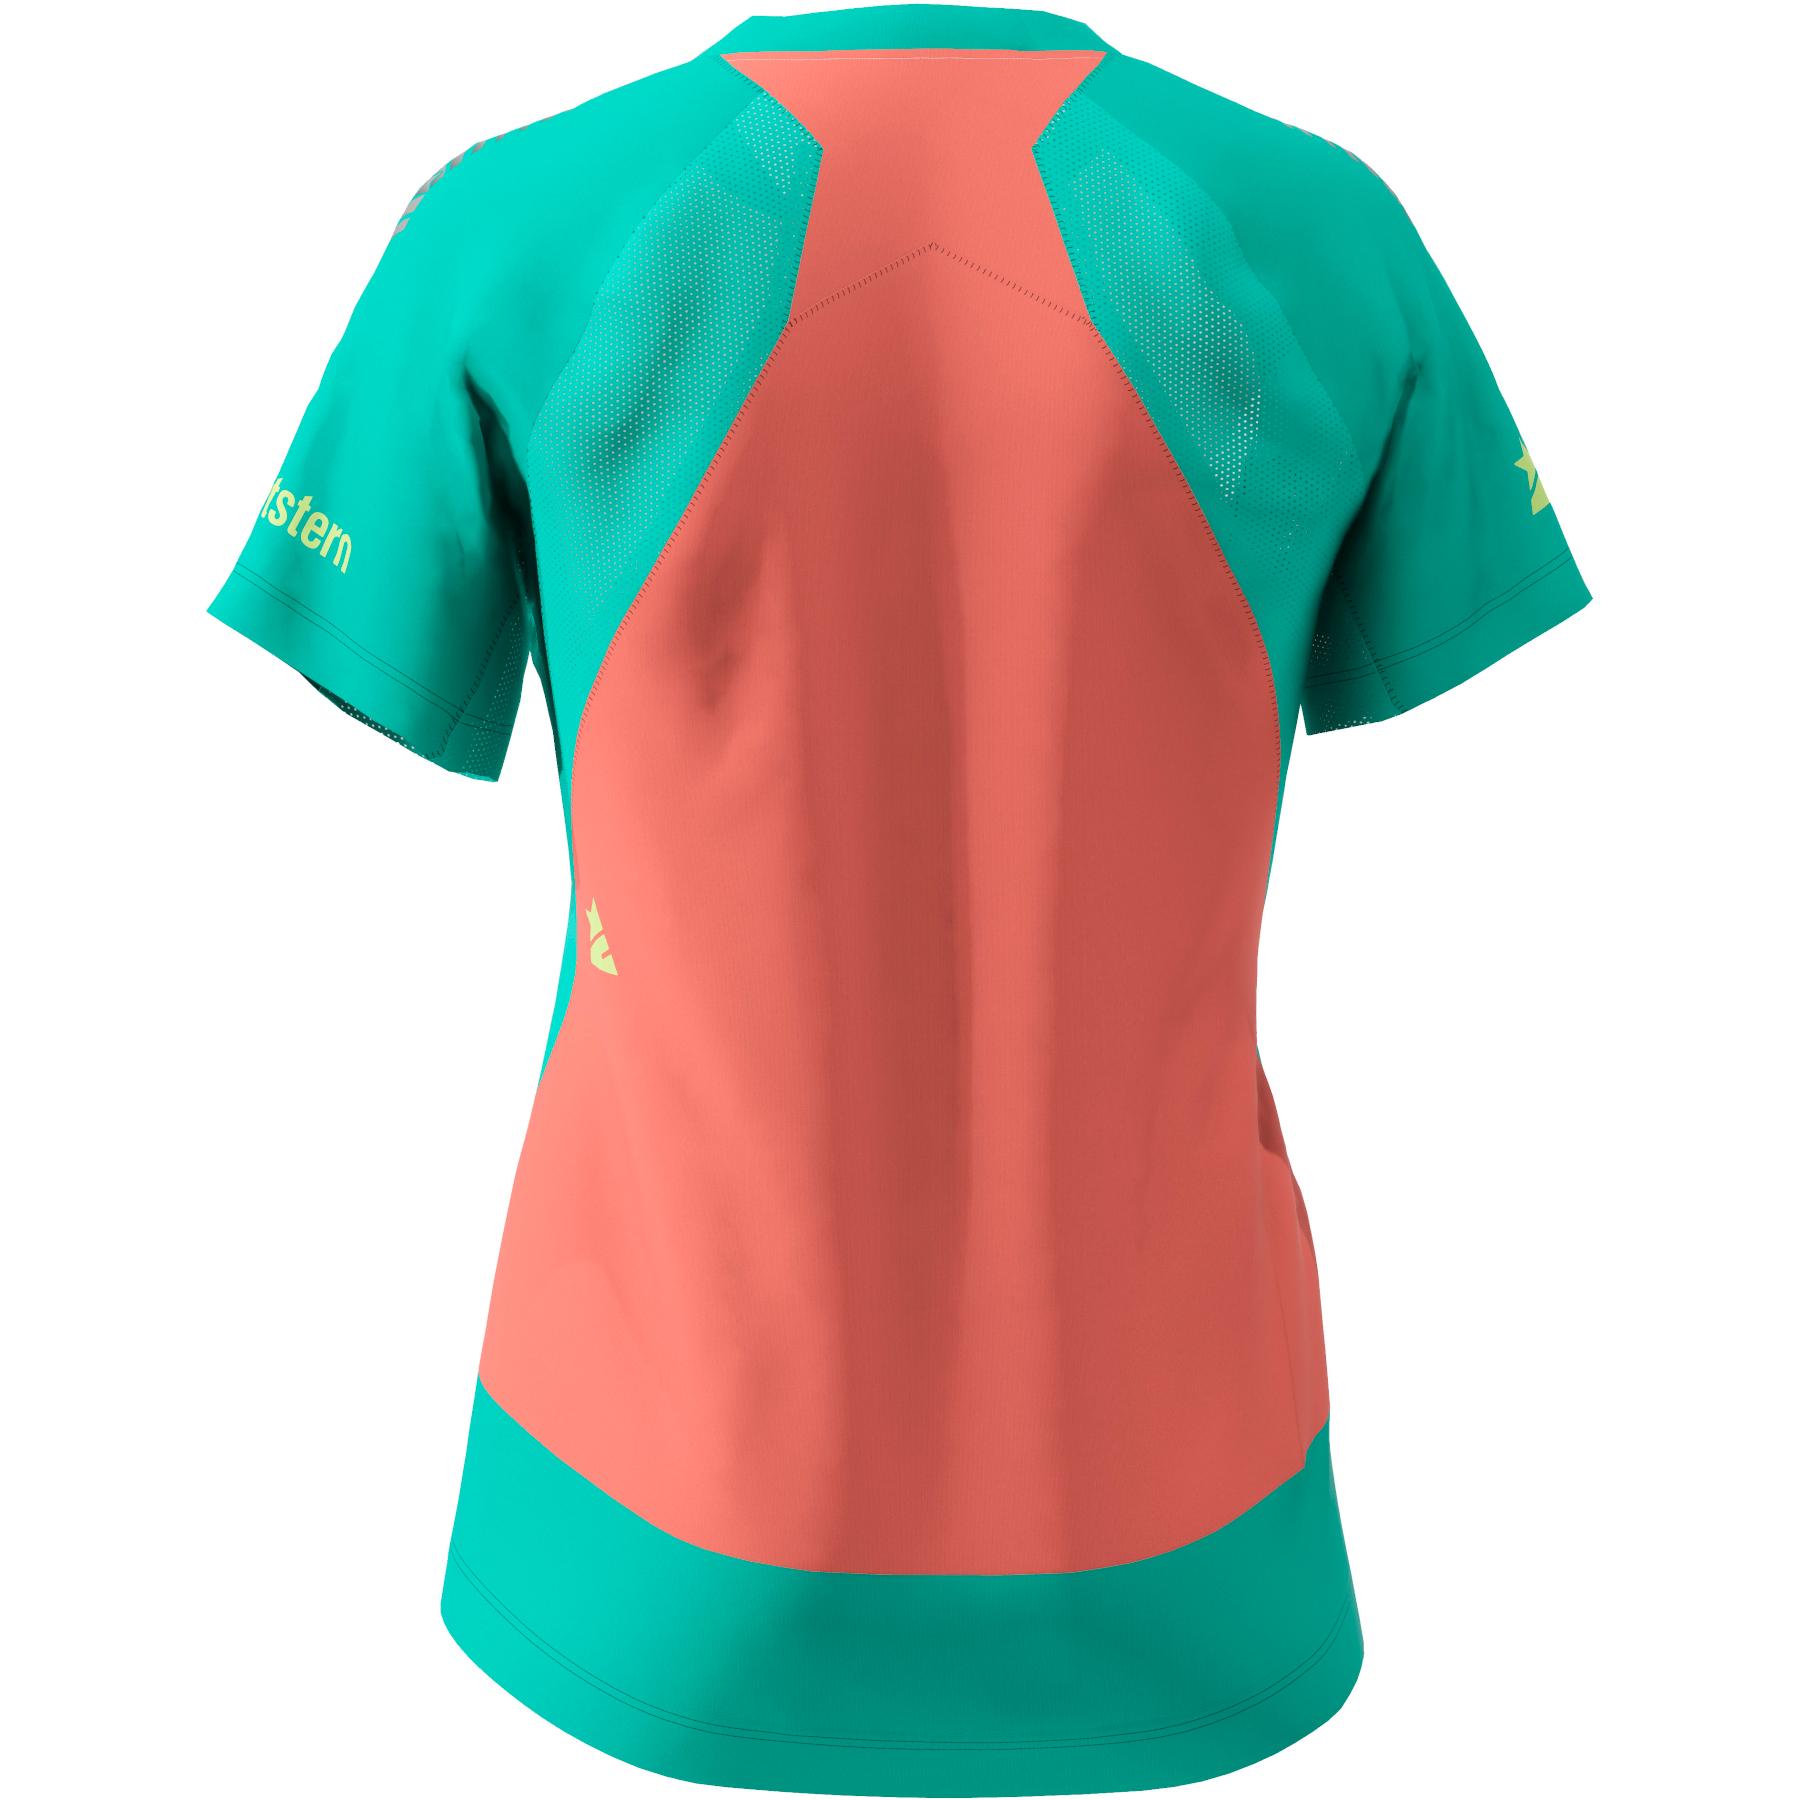 Bild von Zimtstern TechZonez MTB-Kurzarmshirt für Damen - florida keys/pacific green/living coral